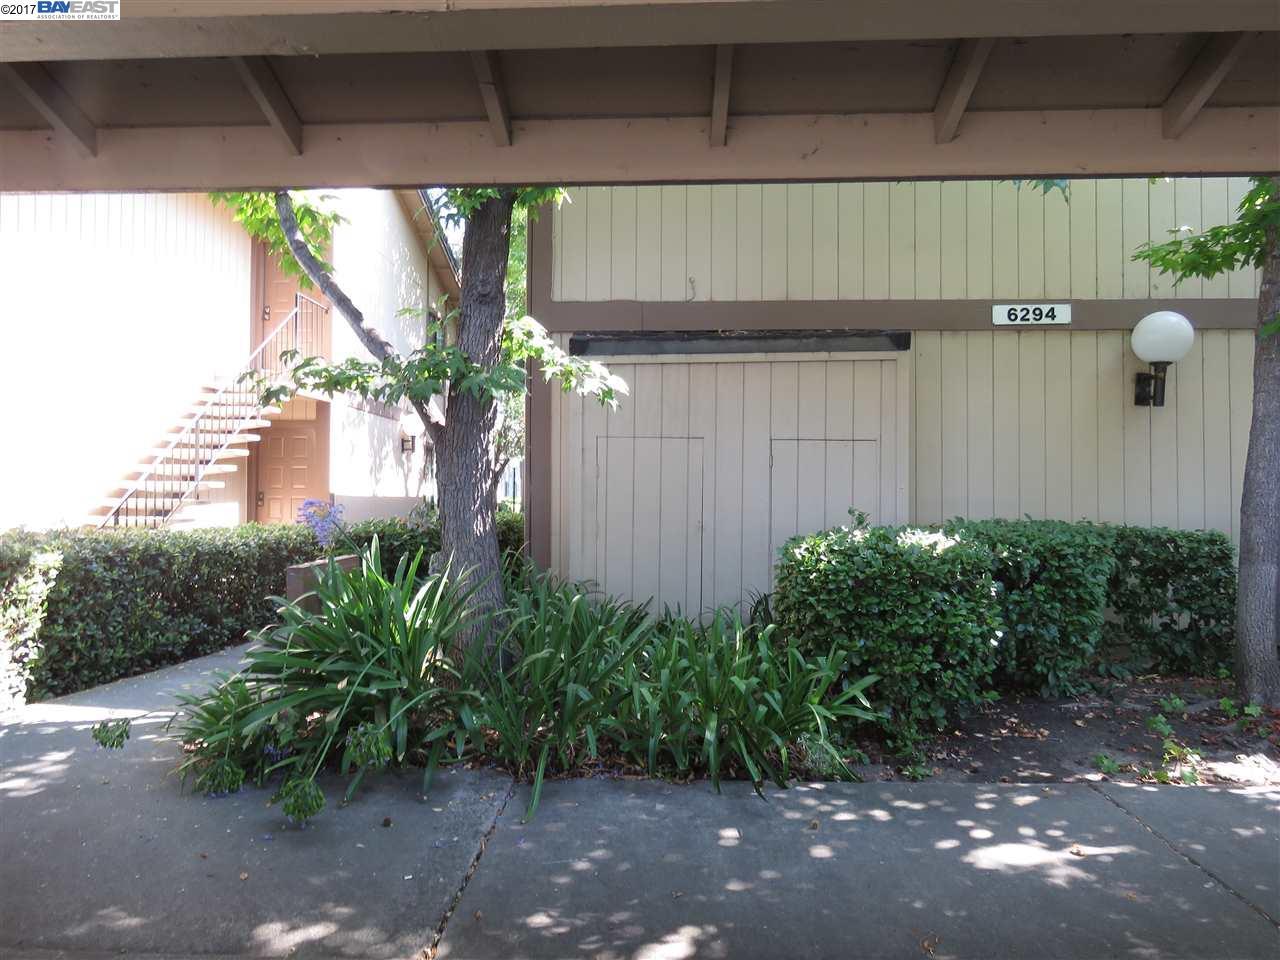 شقة بعمارة للـ Rent في 6294 Joaquin Murieta Avenue 6294 Joaquin Murieta Avenue Newark, California 94560 United States